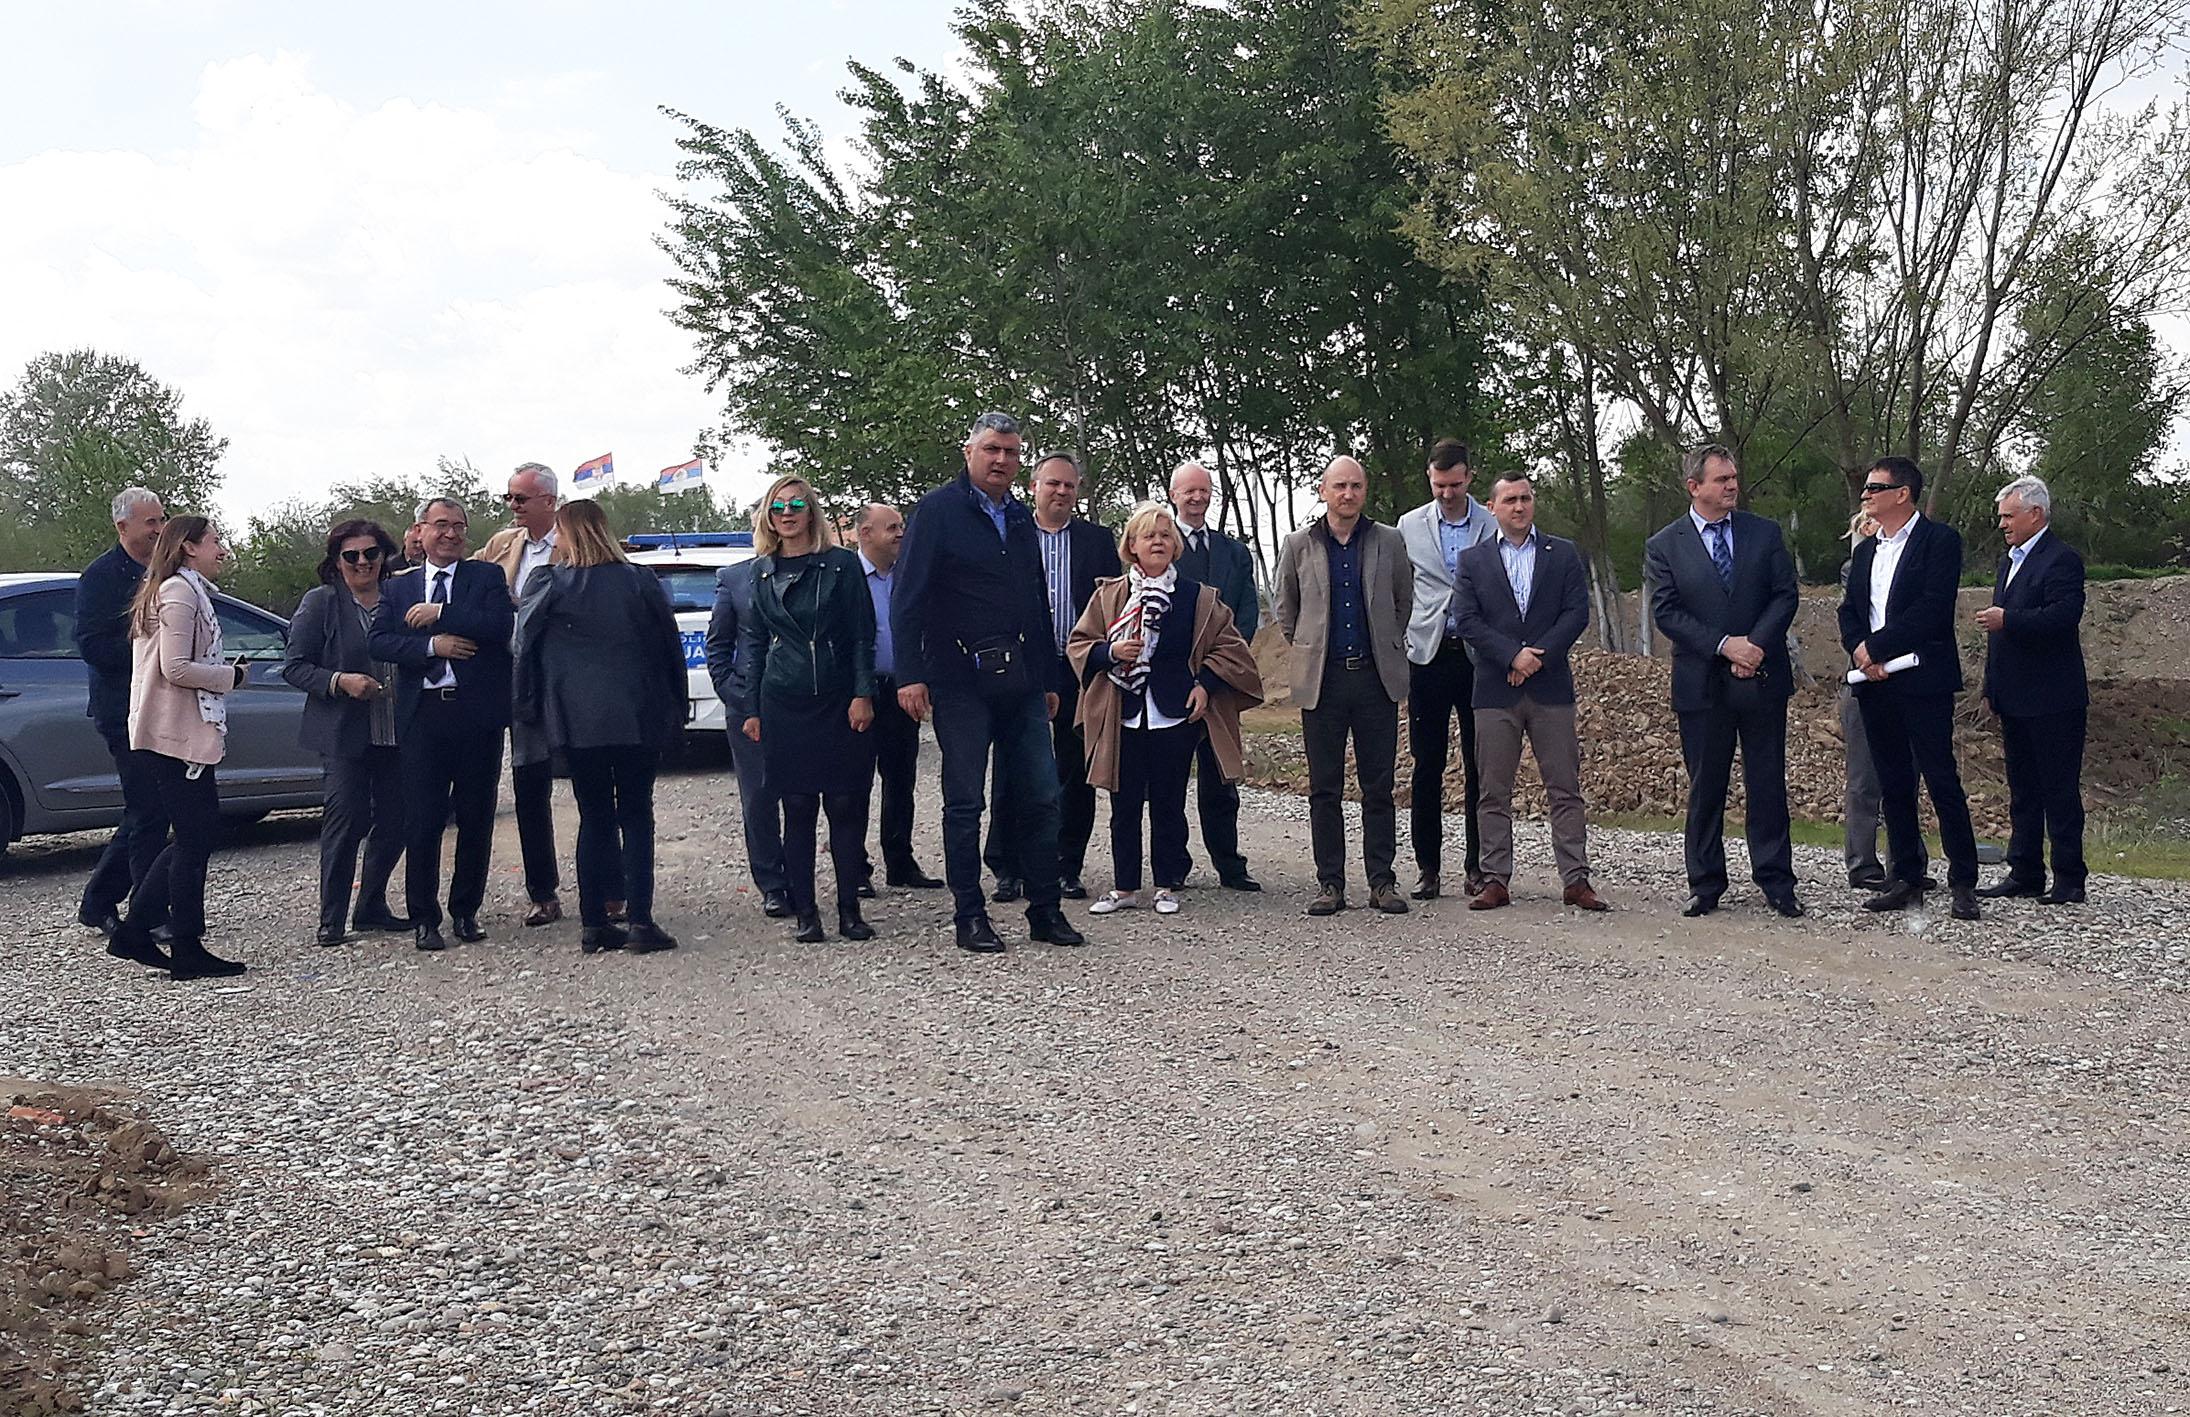 Српска и Србија заједнички рјешавају проблеме у доњем току Дрине